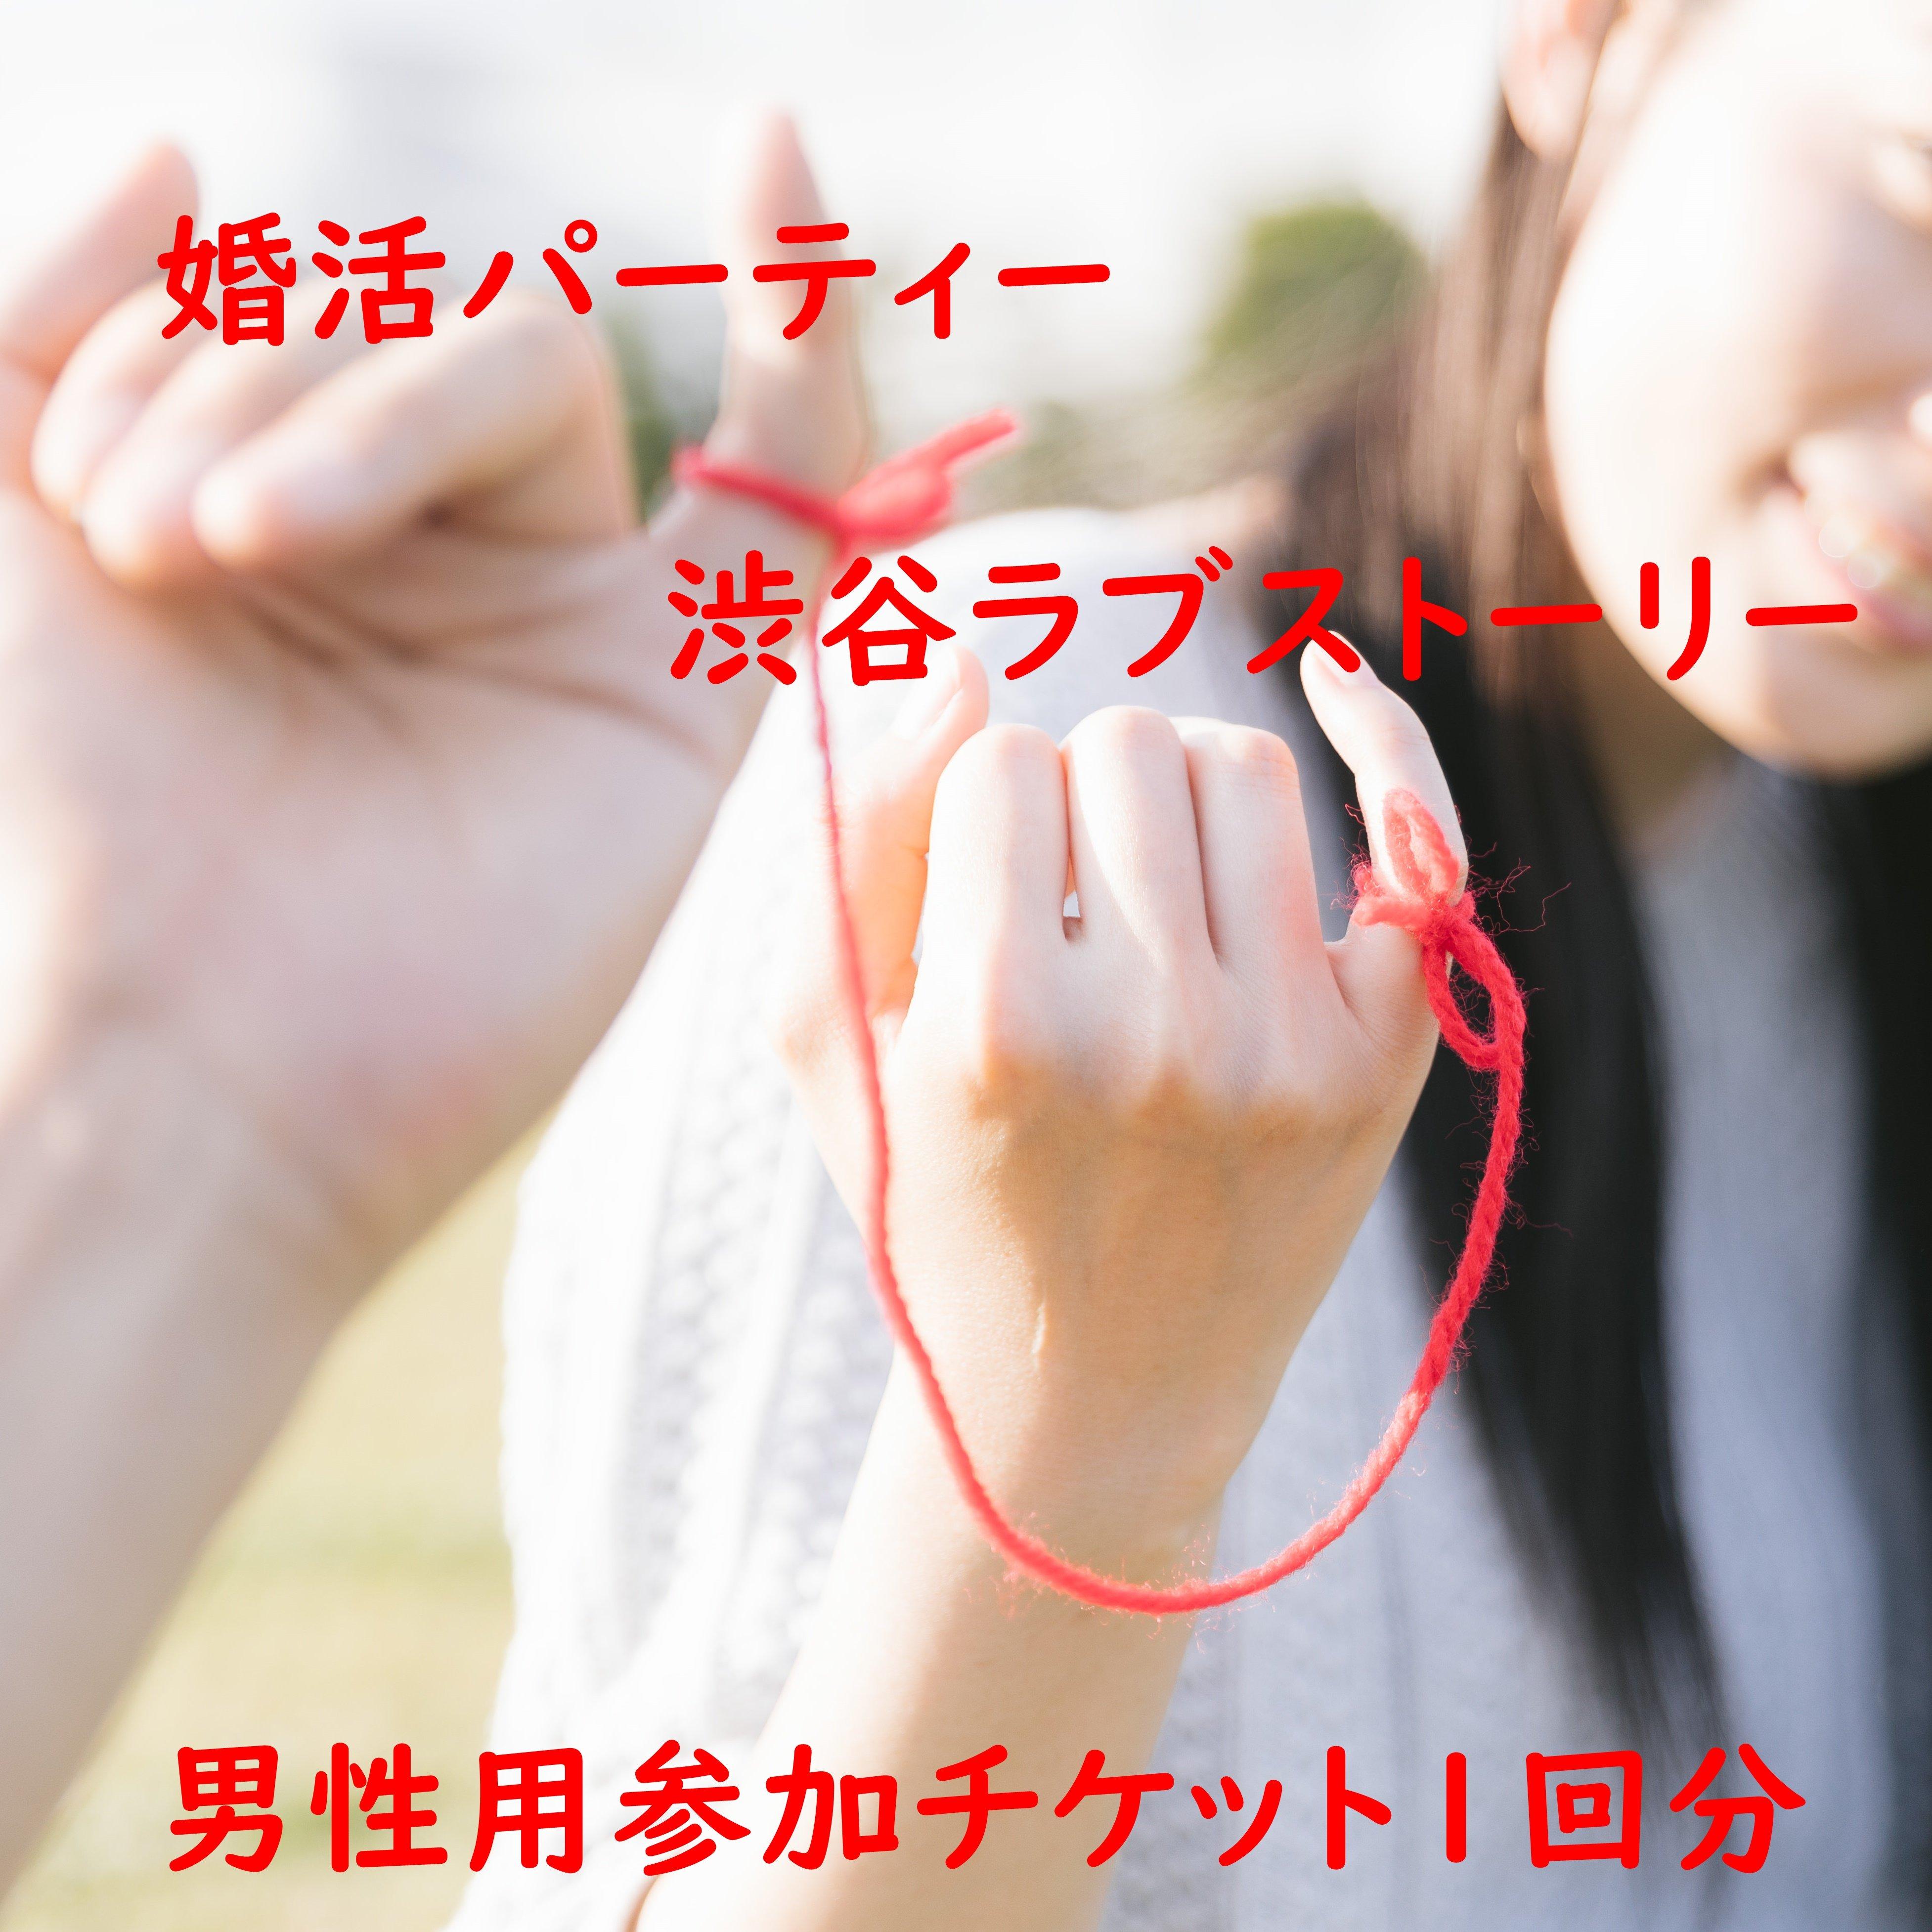 【婚活パーティー】オンライン婚活パーティー「渋谷ラブストーリー」男性参加チケットのイメージその1